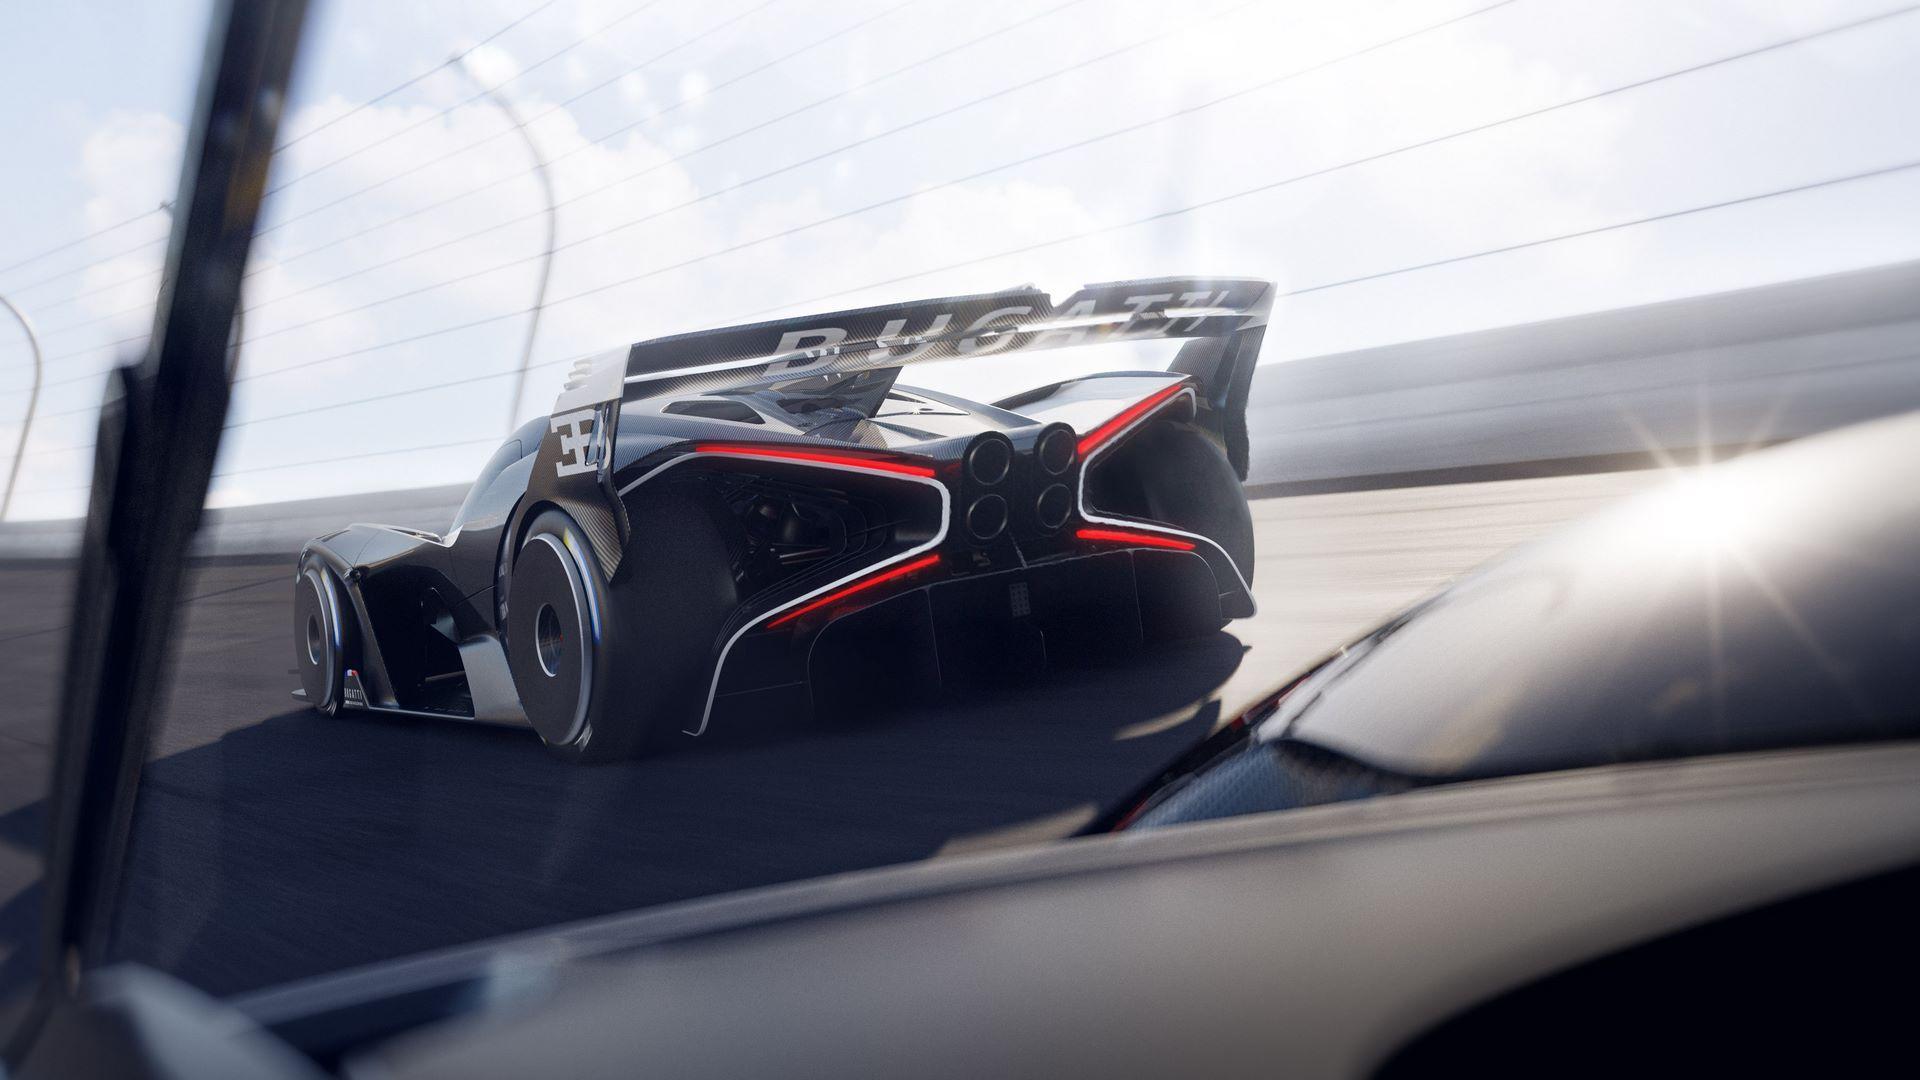 Bugatti-Bolide-production-version-10